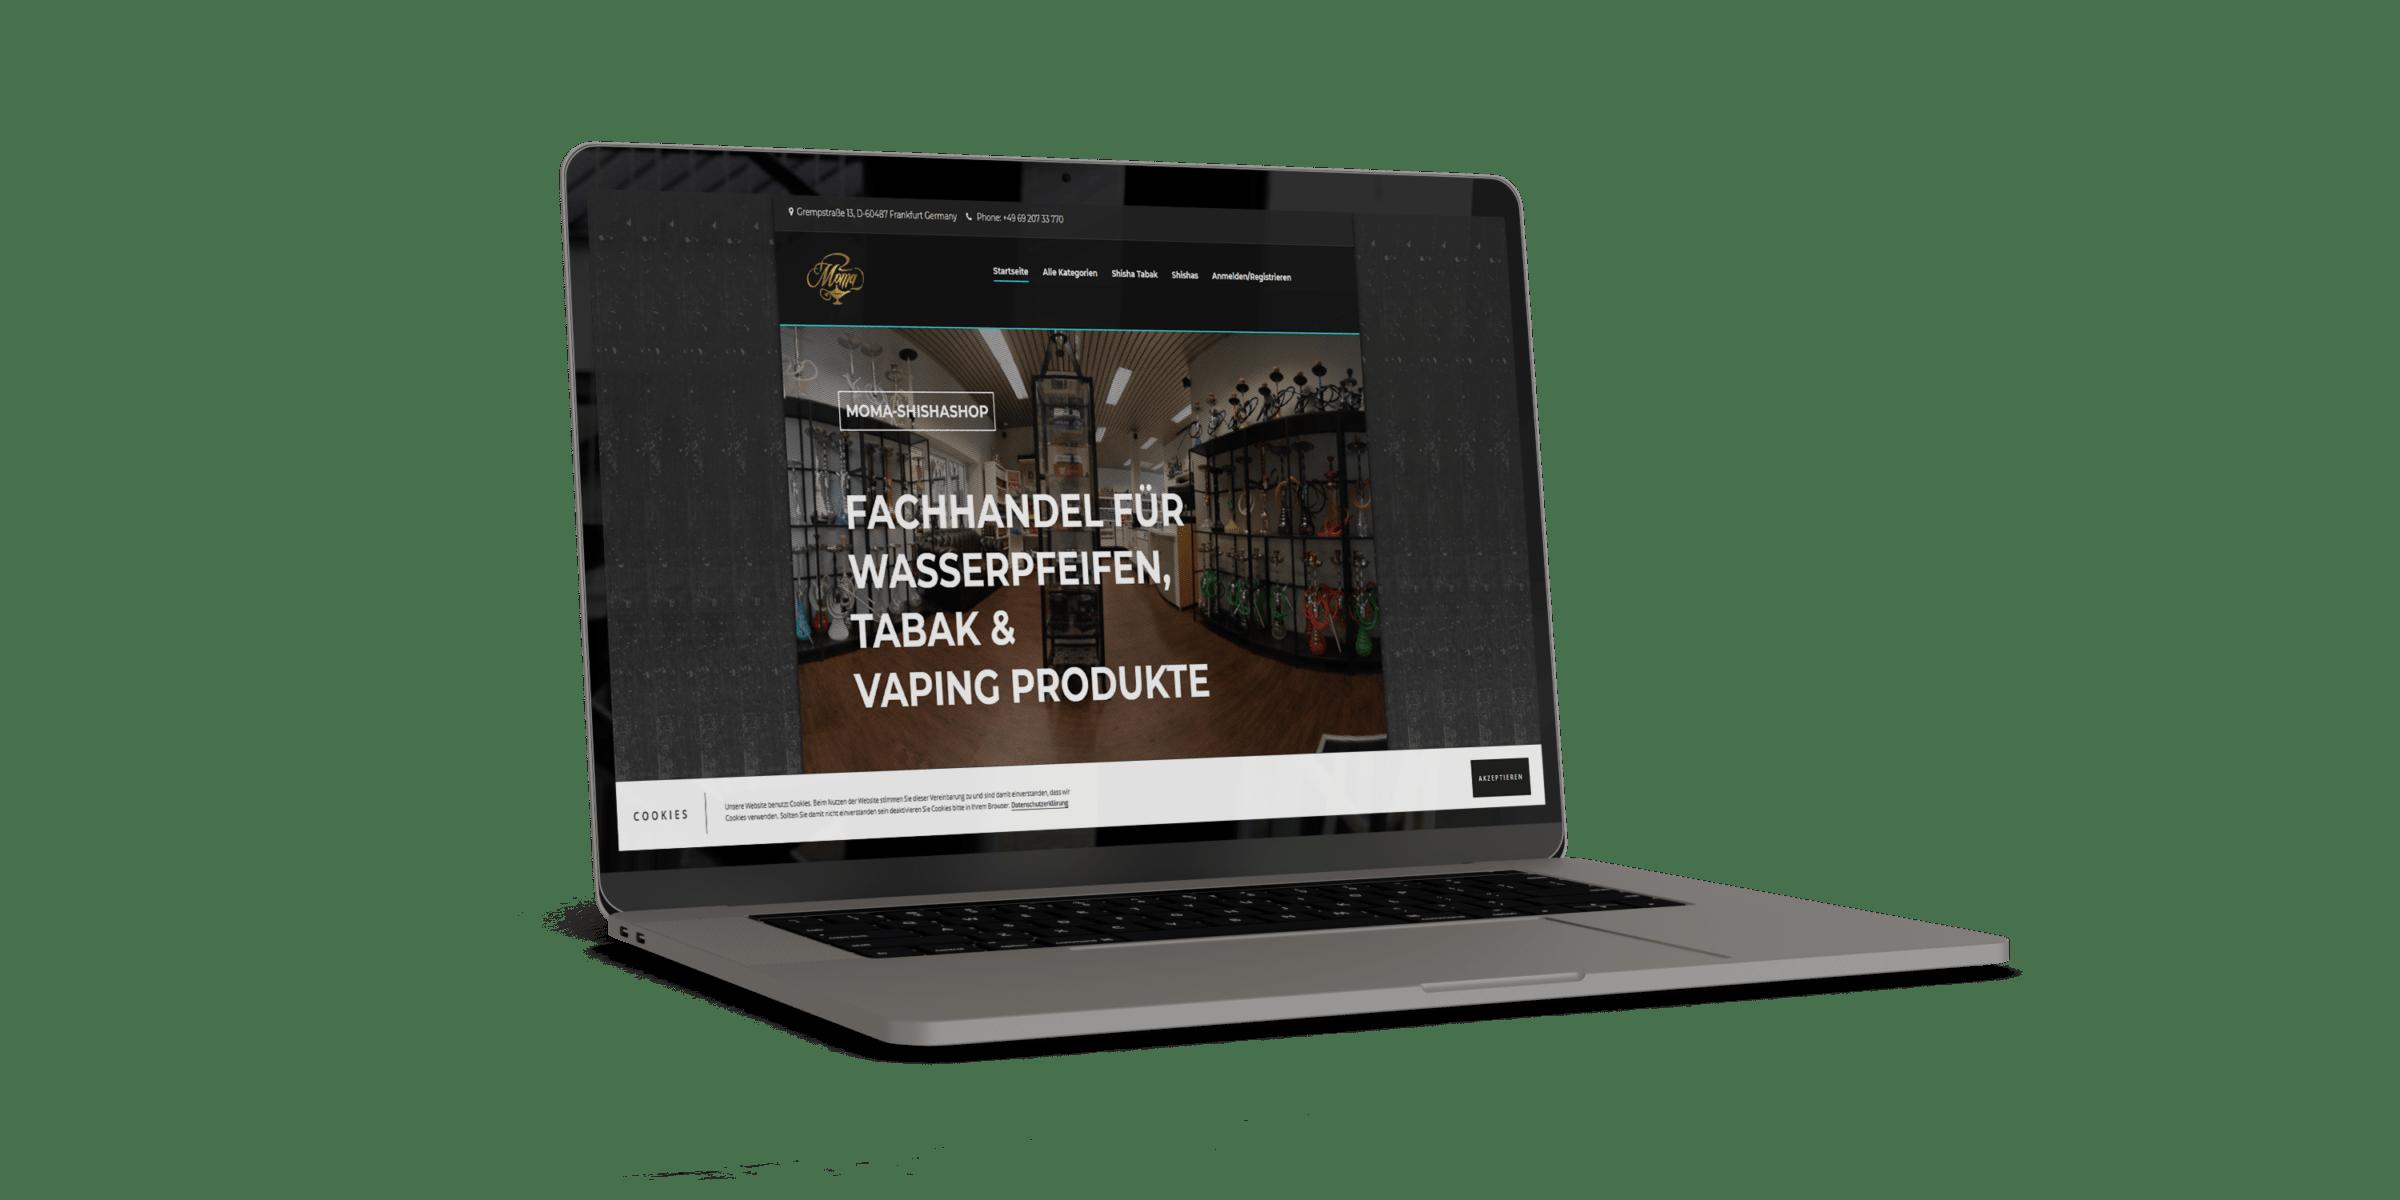 Webdesign Agentur und Online Marketing Agentur Werbeagentur Stadtallendorf Kirchhain Marburg Hawk-Arts